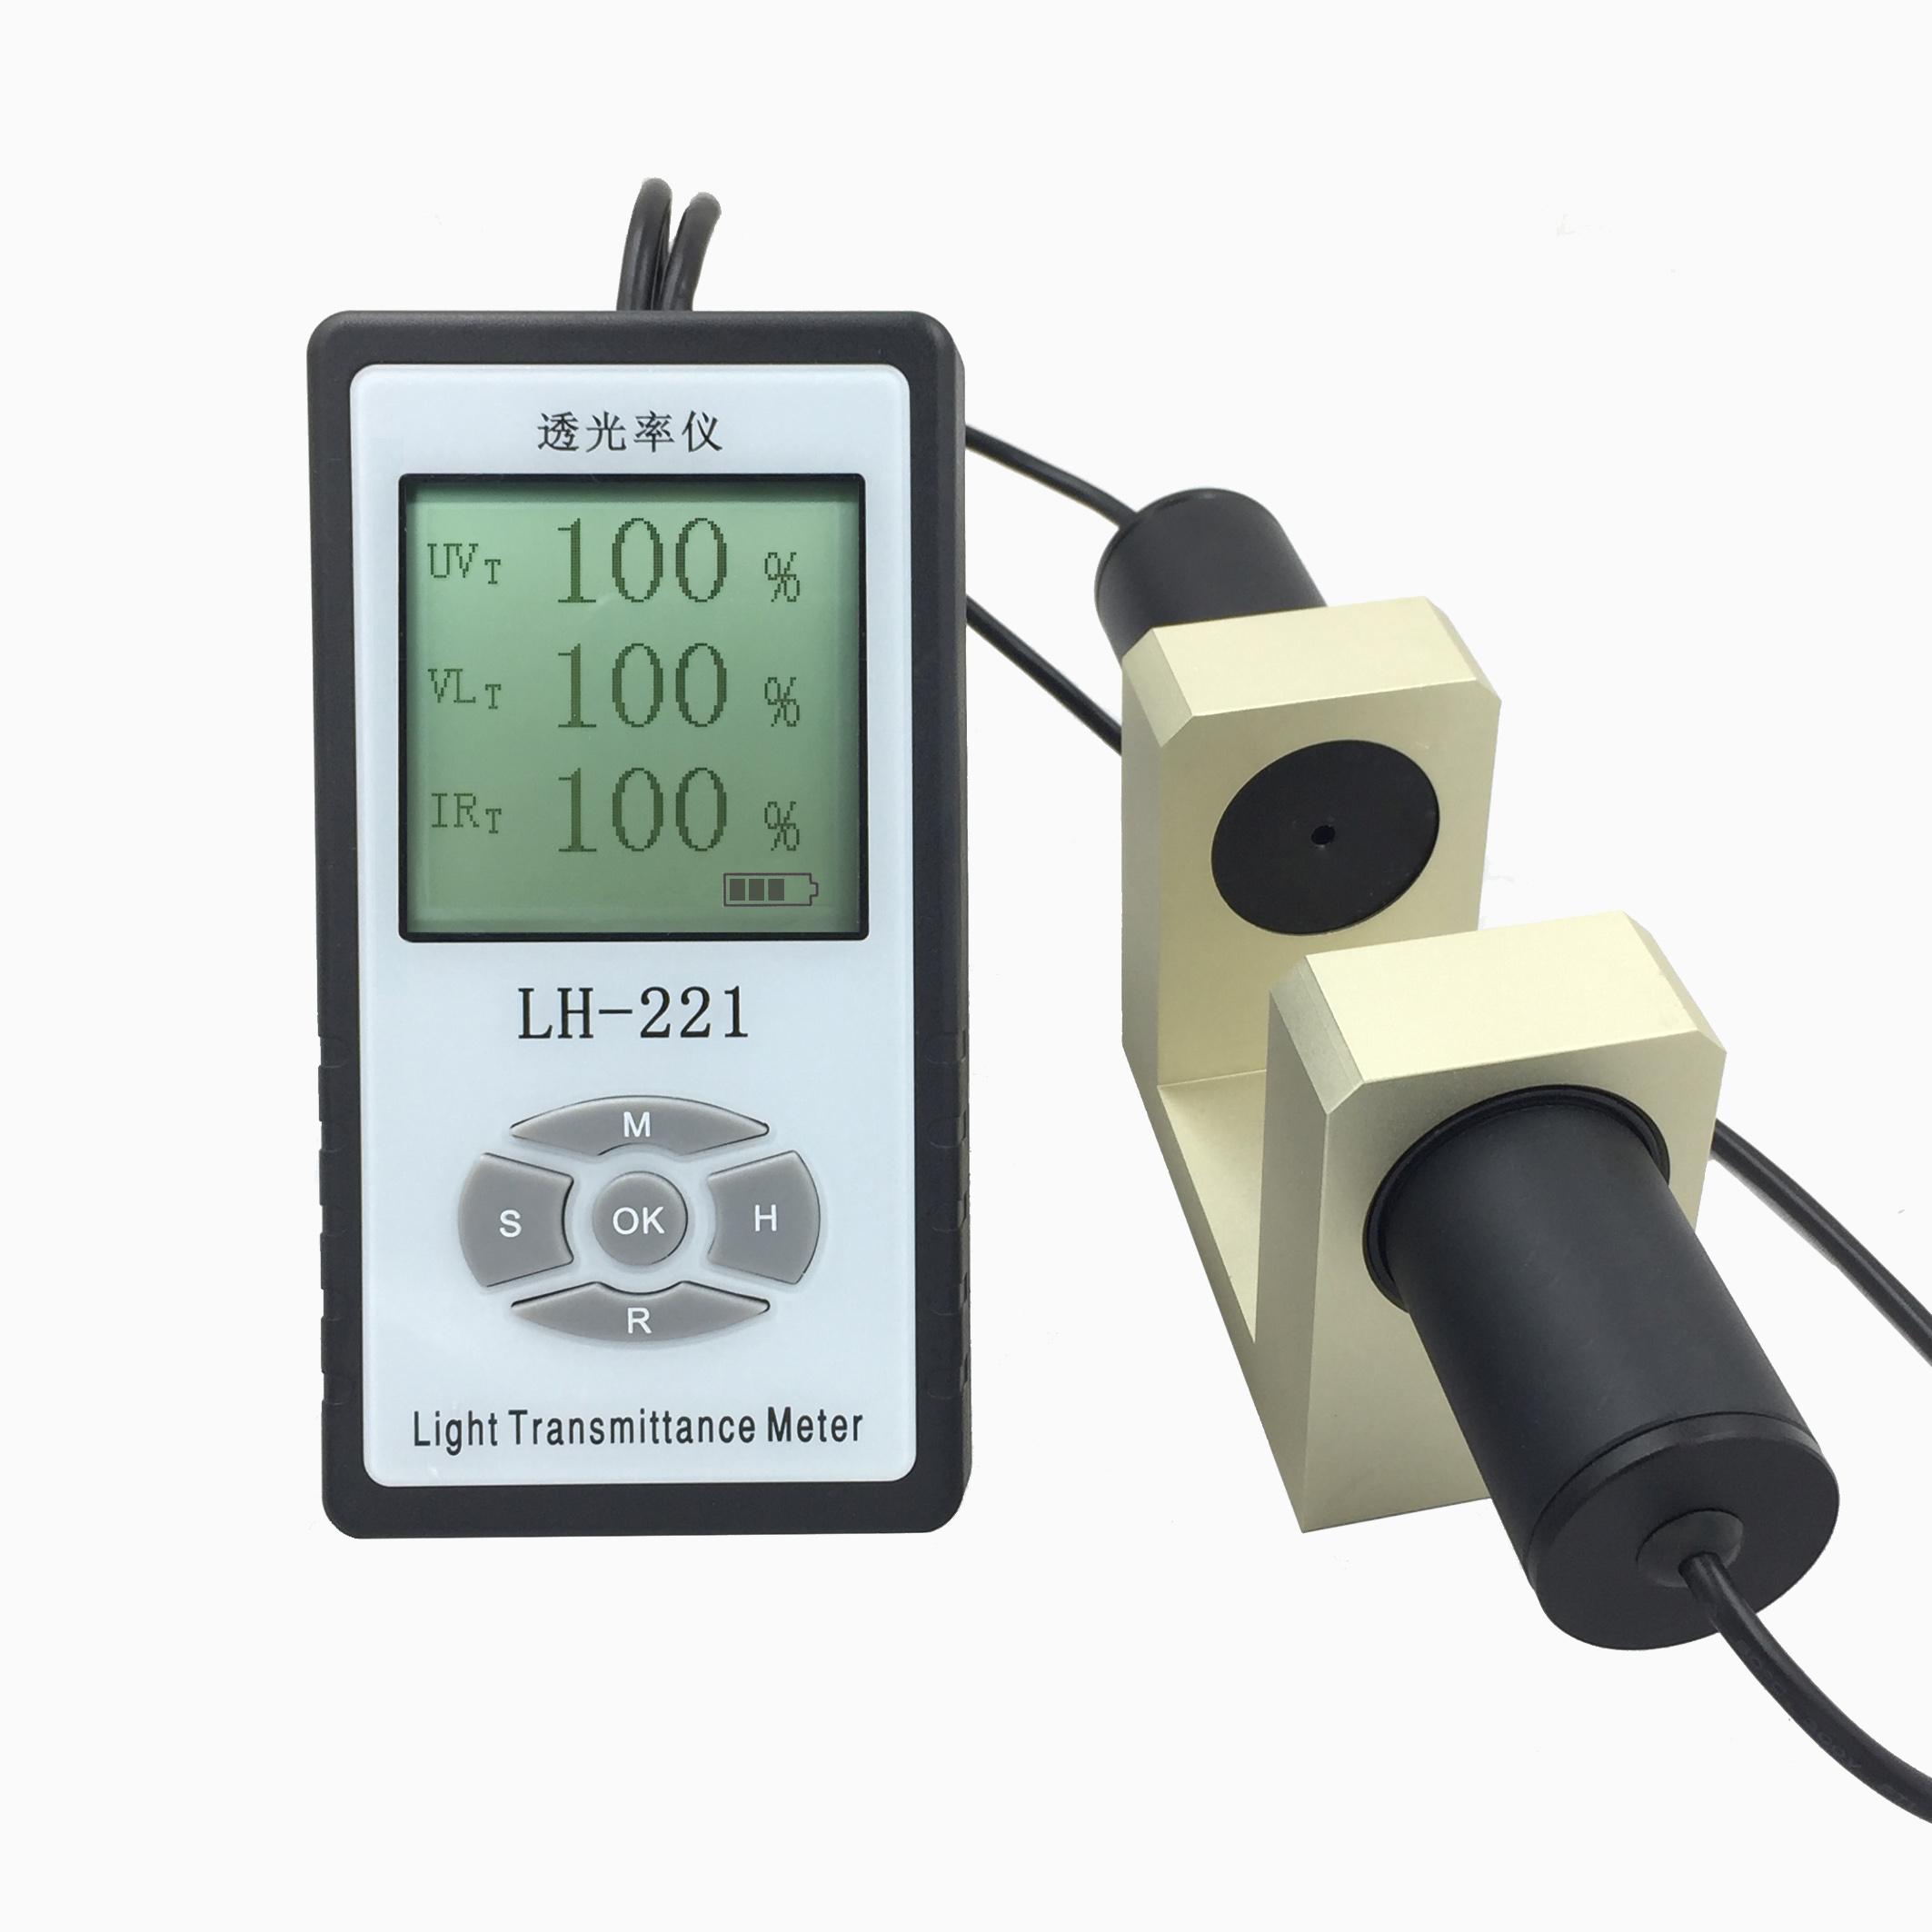 LH-221三波段玻璃透光率计太阳膜测试仪透光率仪84225285